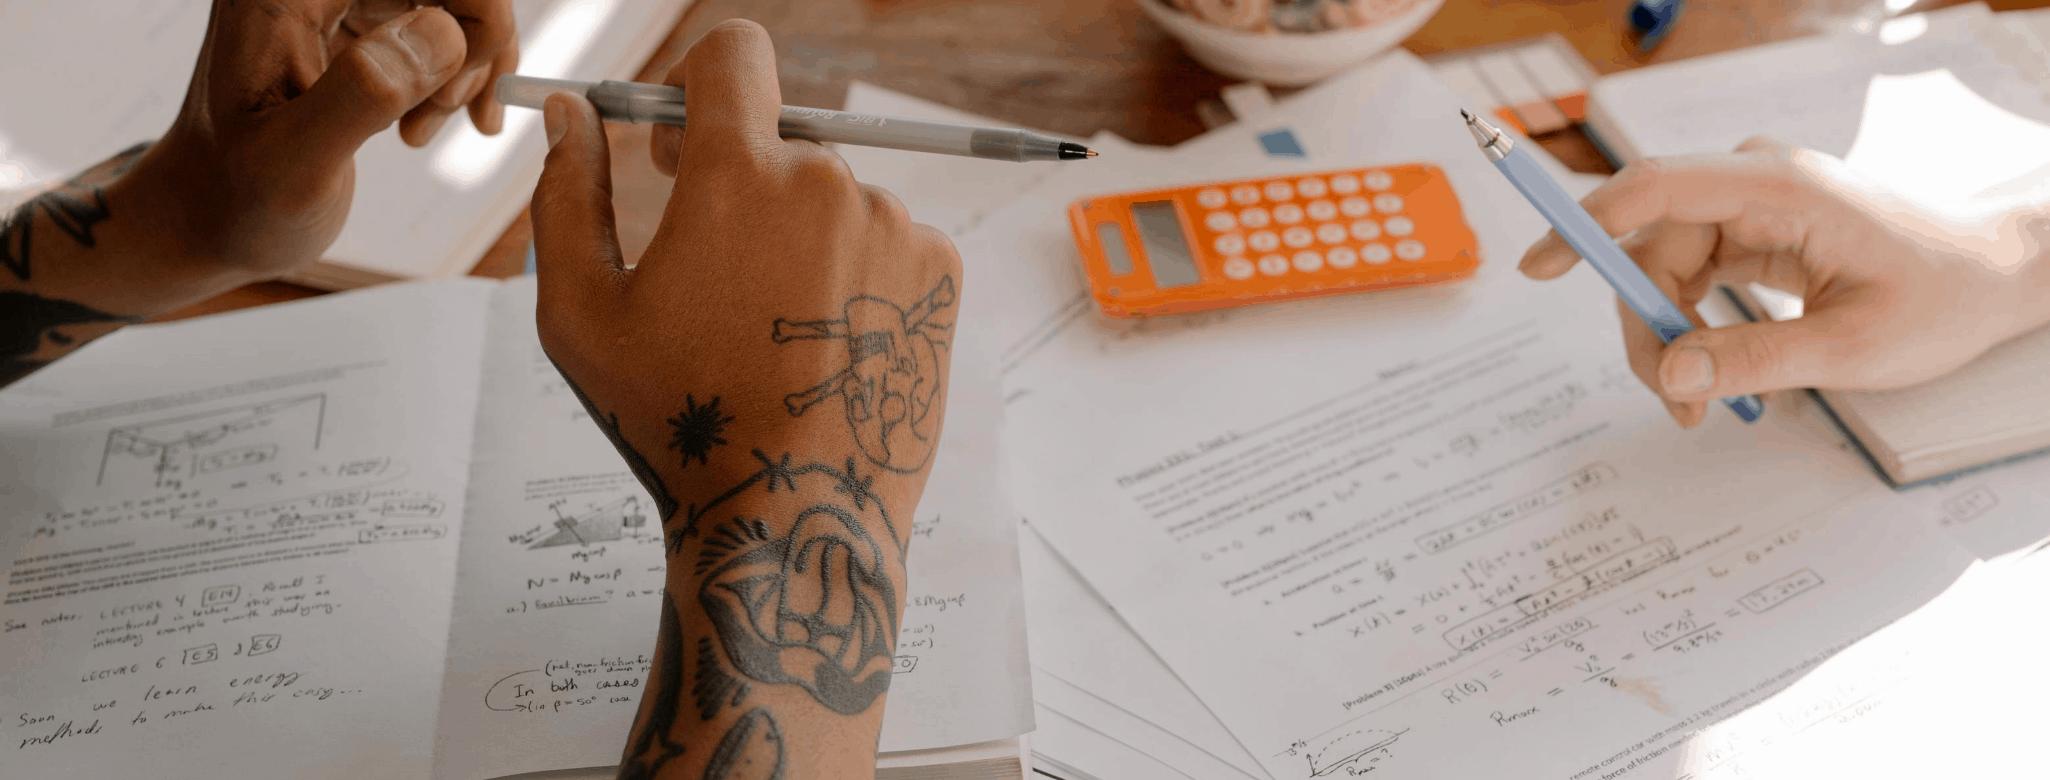 Réussite éducative, persévérance scolaire